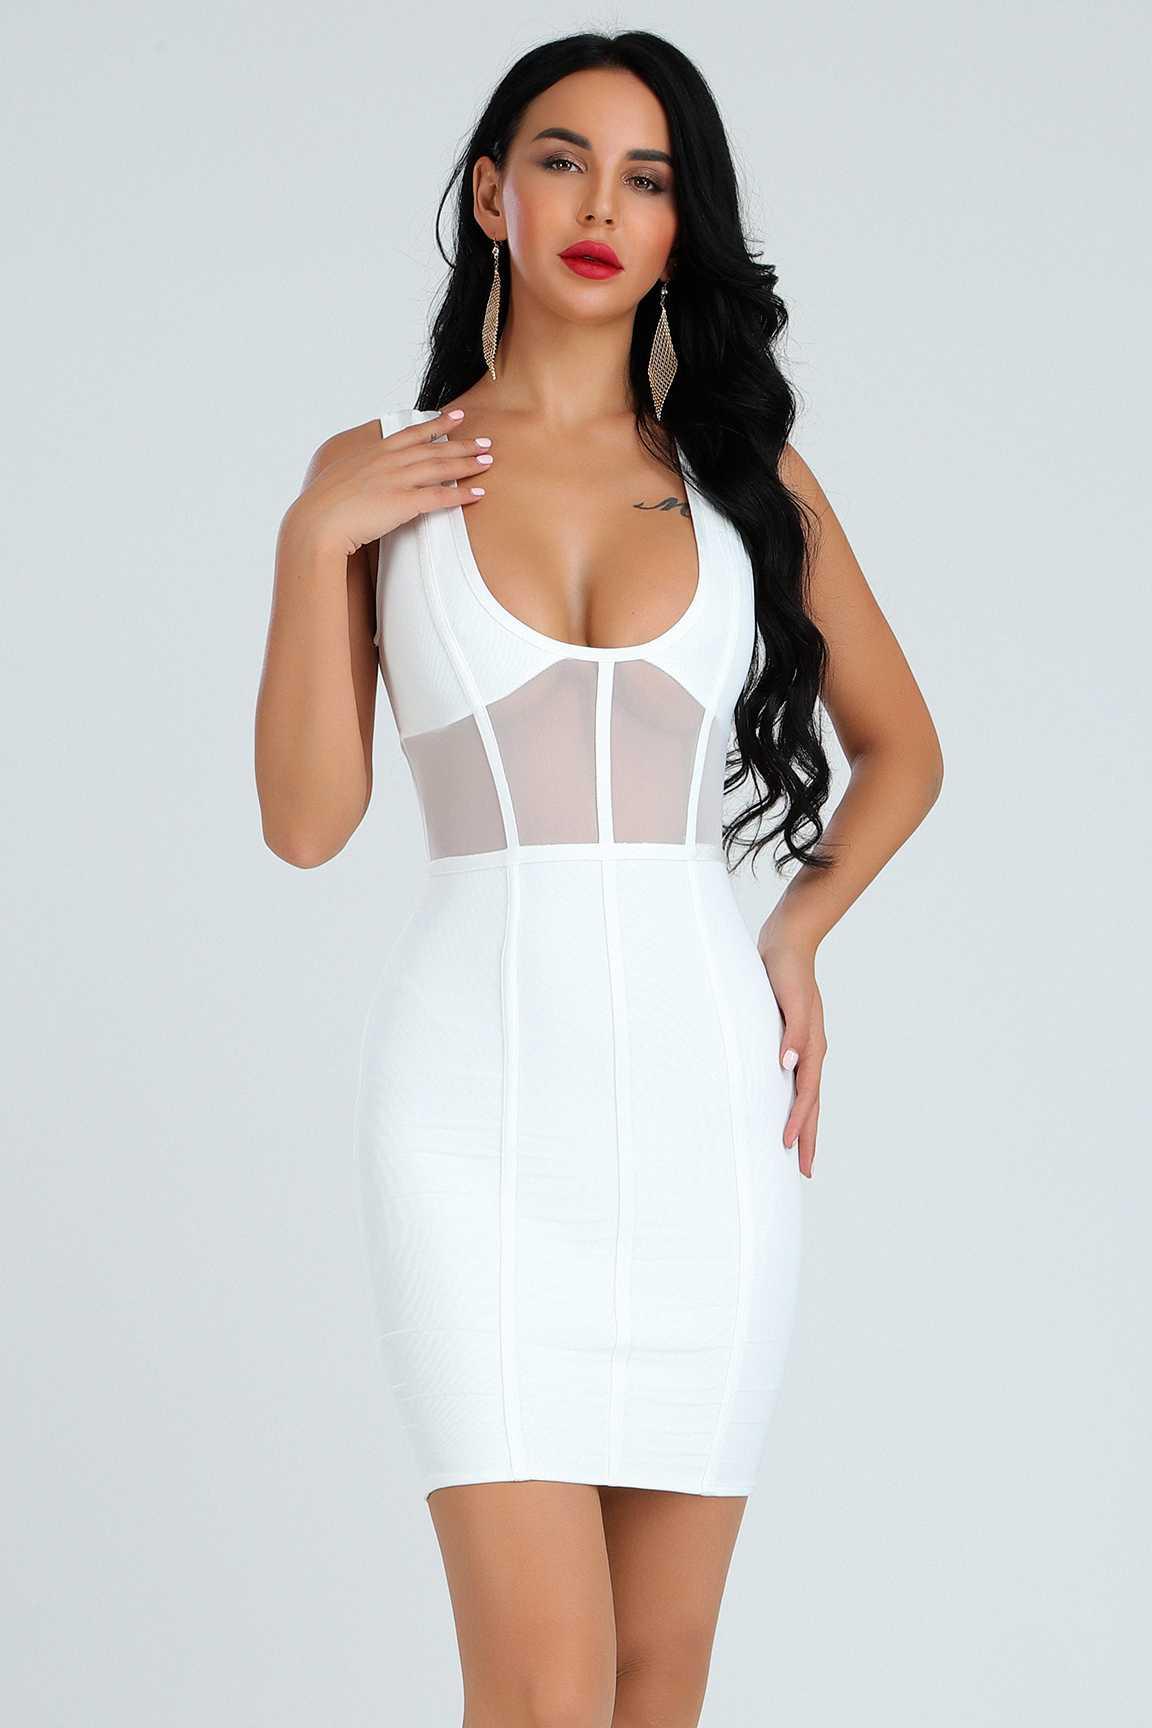 Haute qualité dentelle réservoir v-cou blanc Mini robe élégante mode robe partie Sexy robe